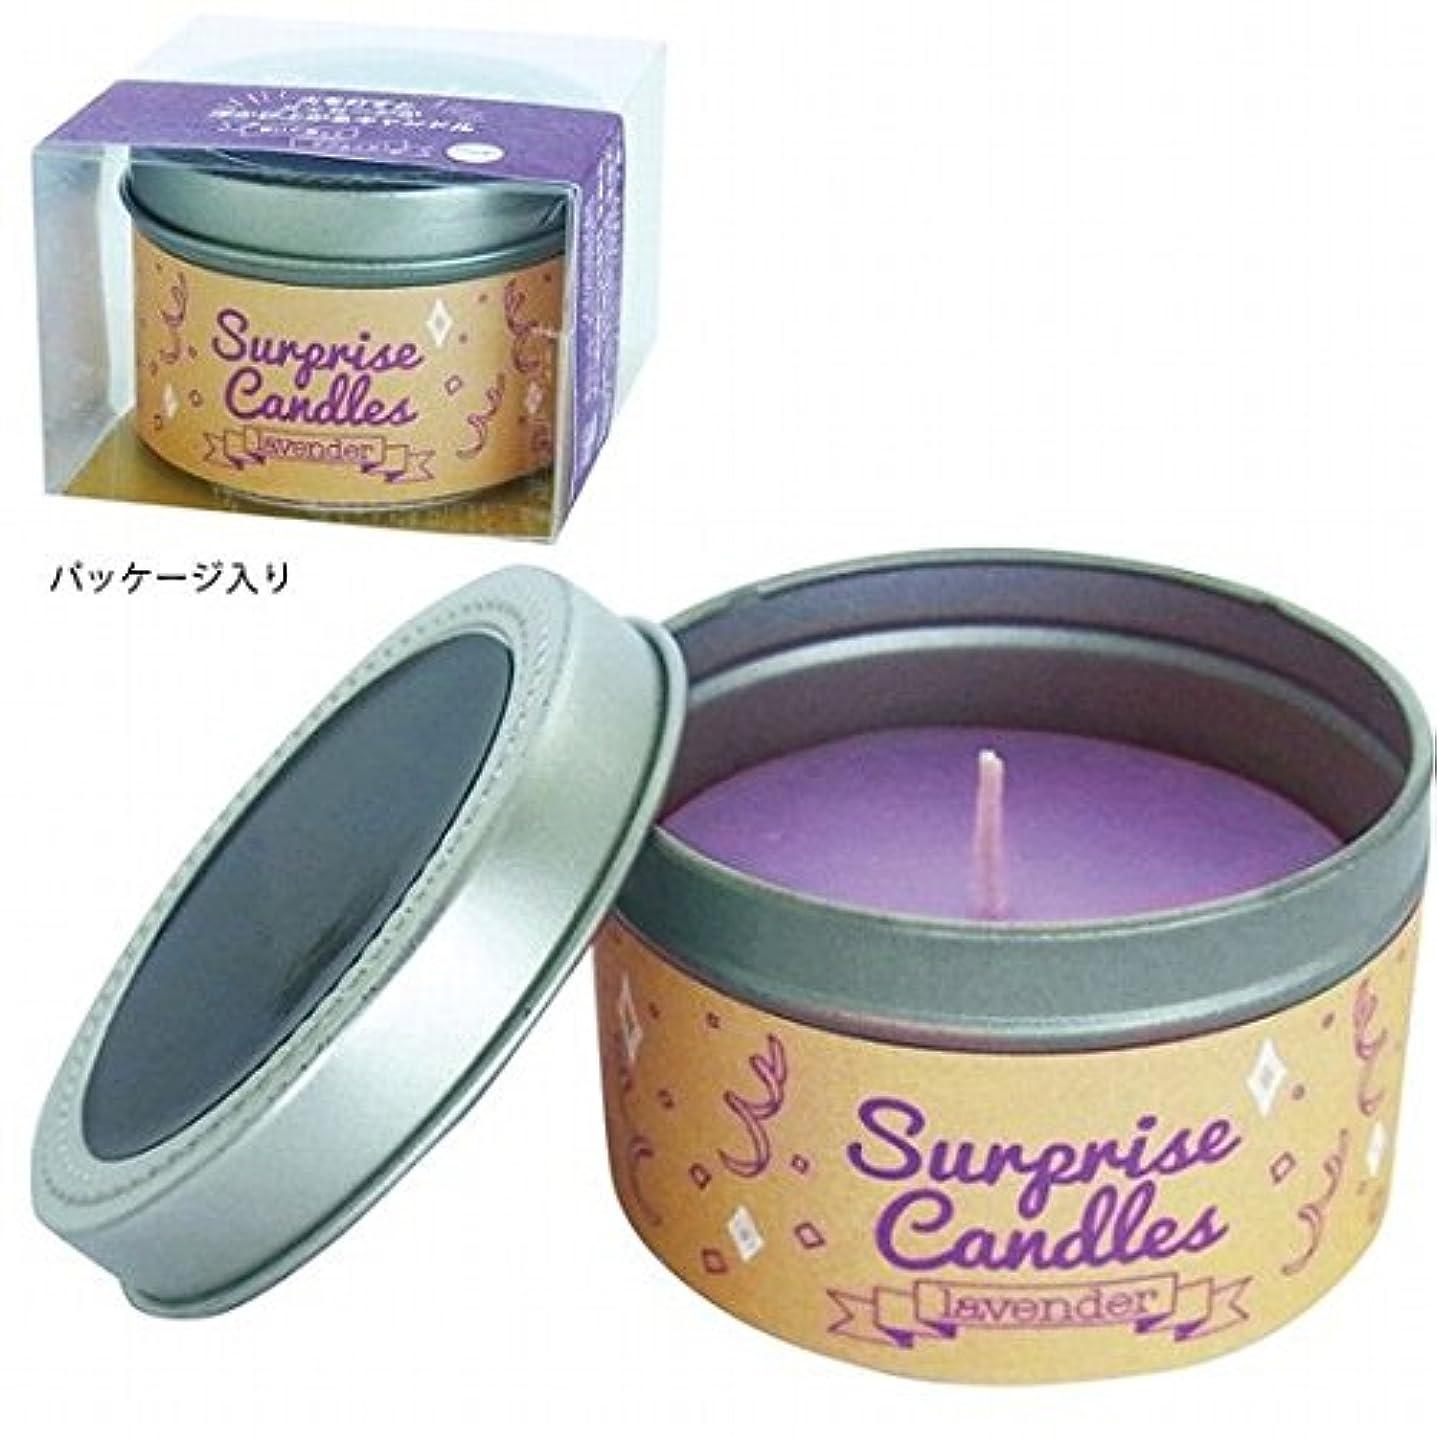 強制マッシュ描くkameyama candle(カメヤマキャンドル) サプライズキャンドル 「ラベンダー」(A207005020)